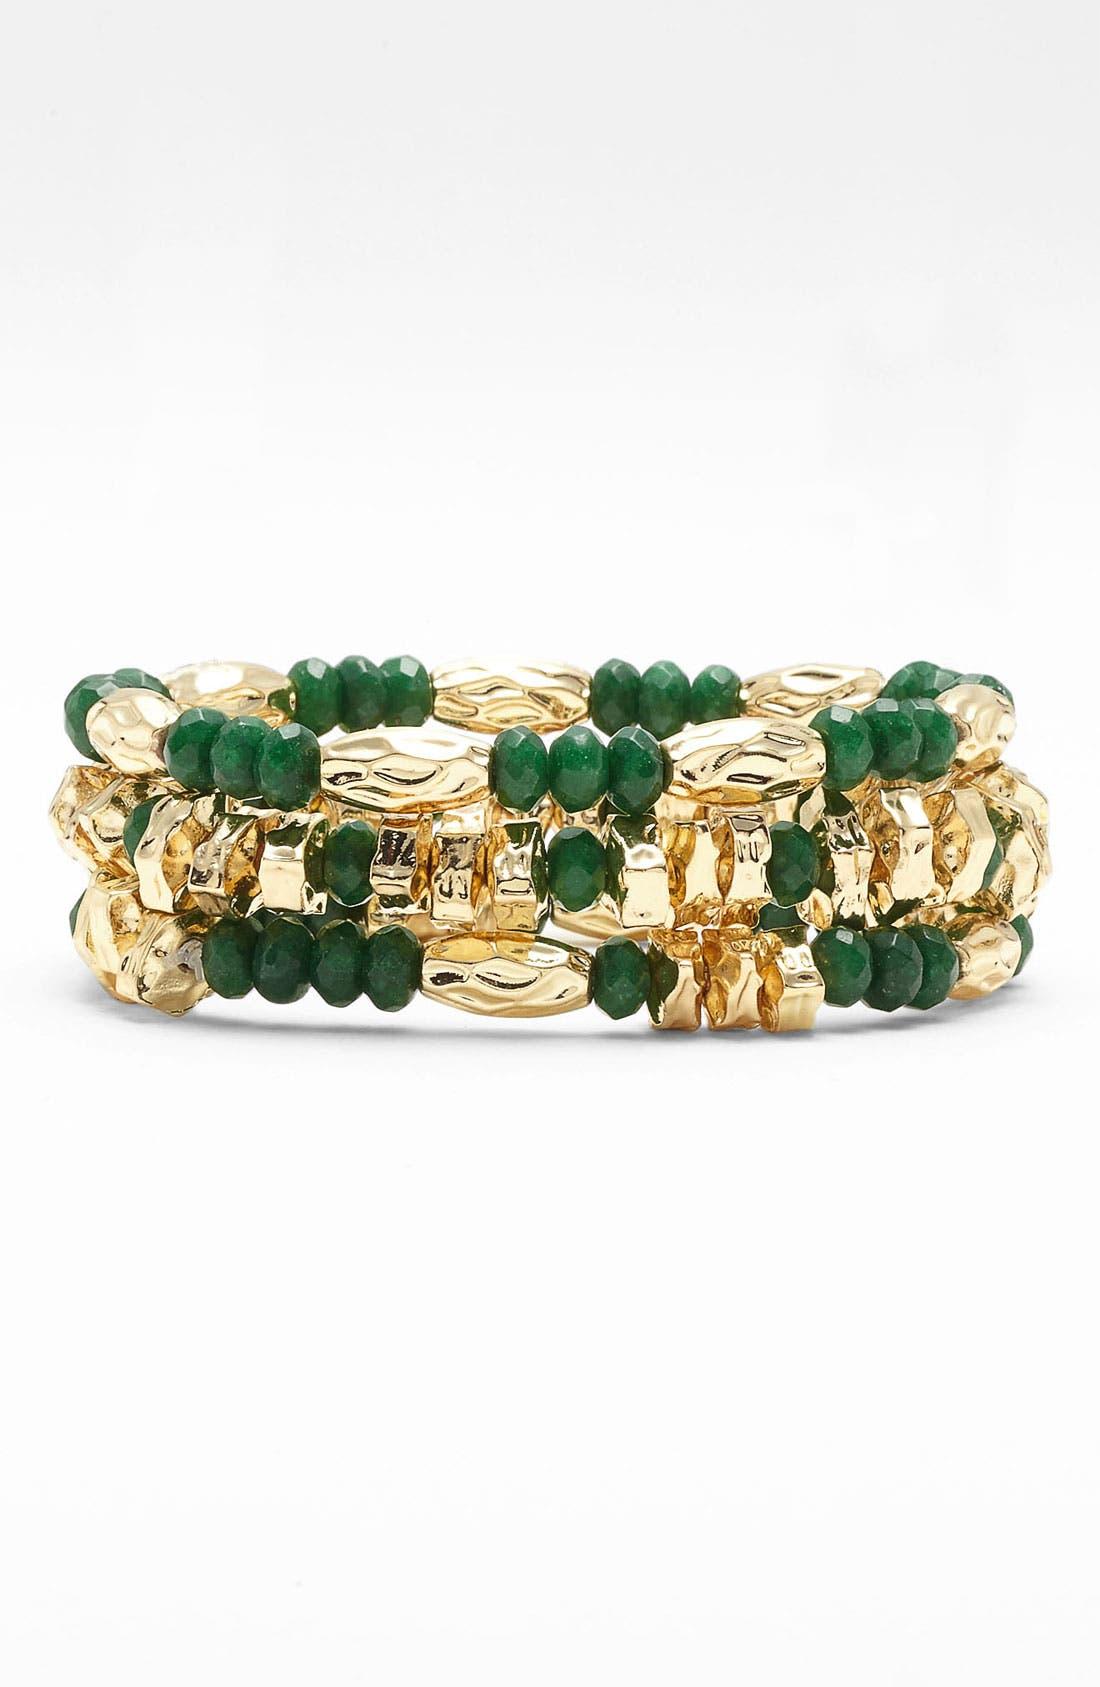 Alternate Image 1 Selected - Nordstrom Bead Stretch Bracelets (Set of 3)